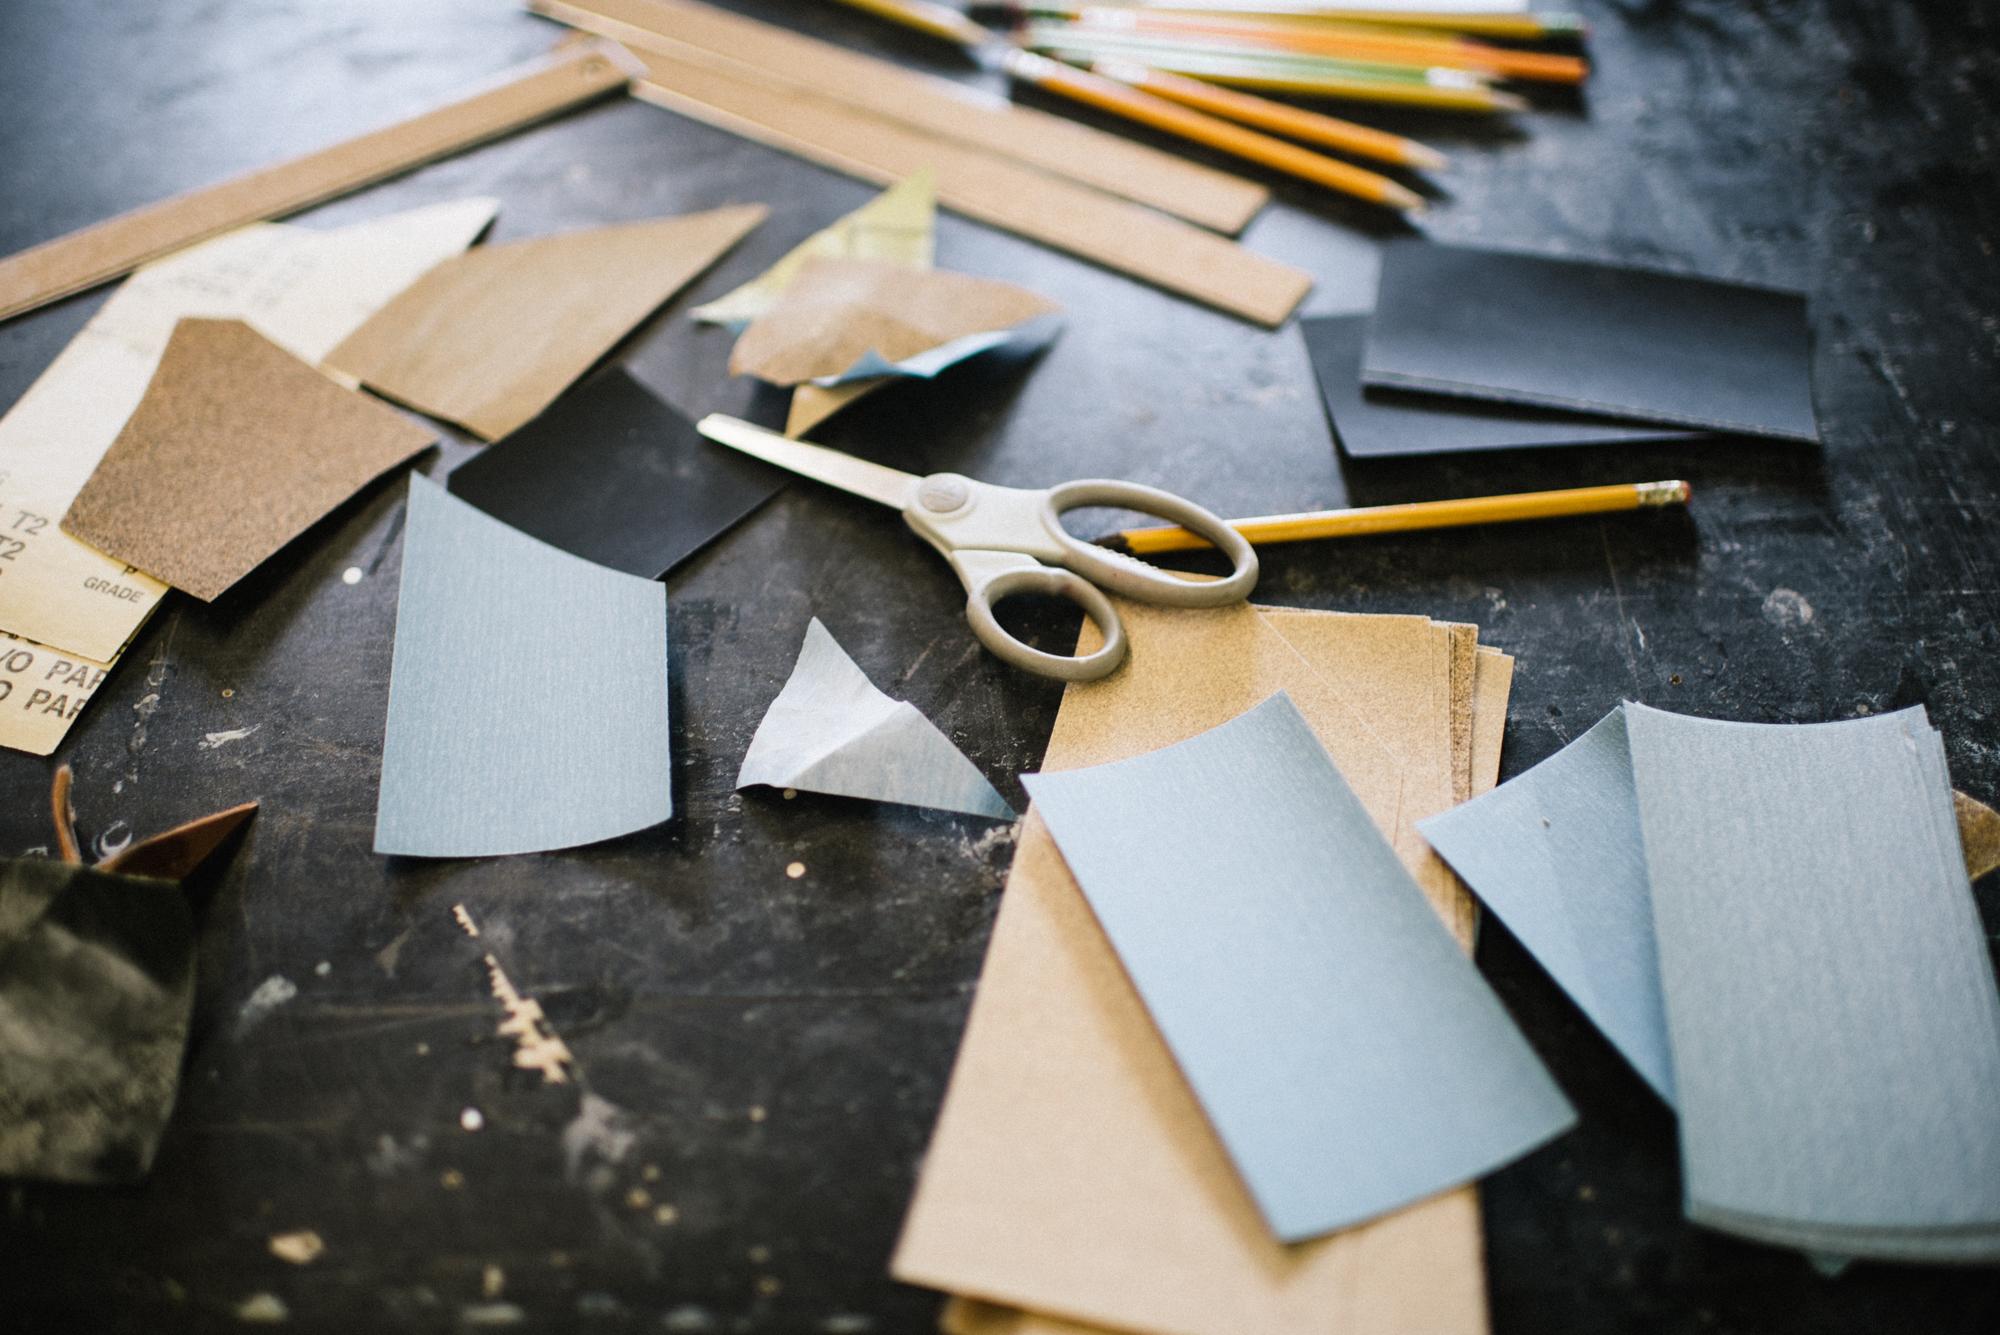 wildcraft_knifemaking-2.jpg